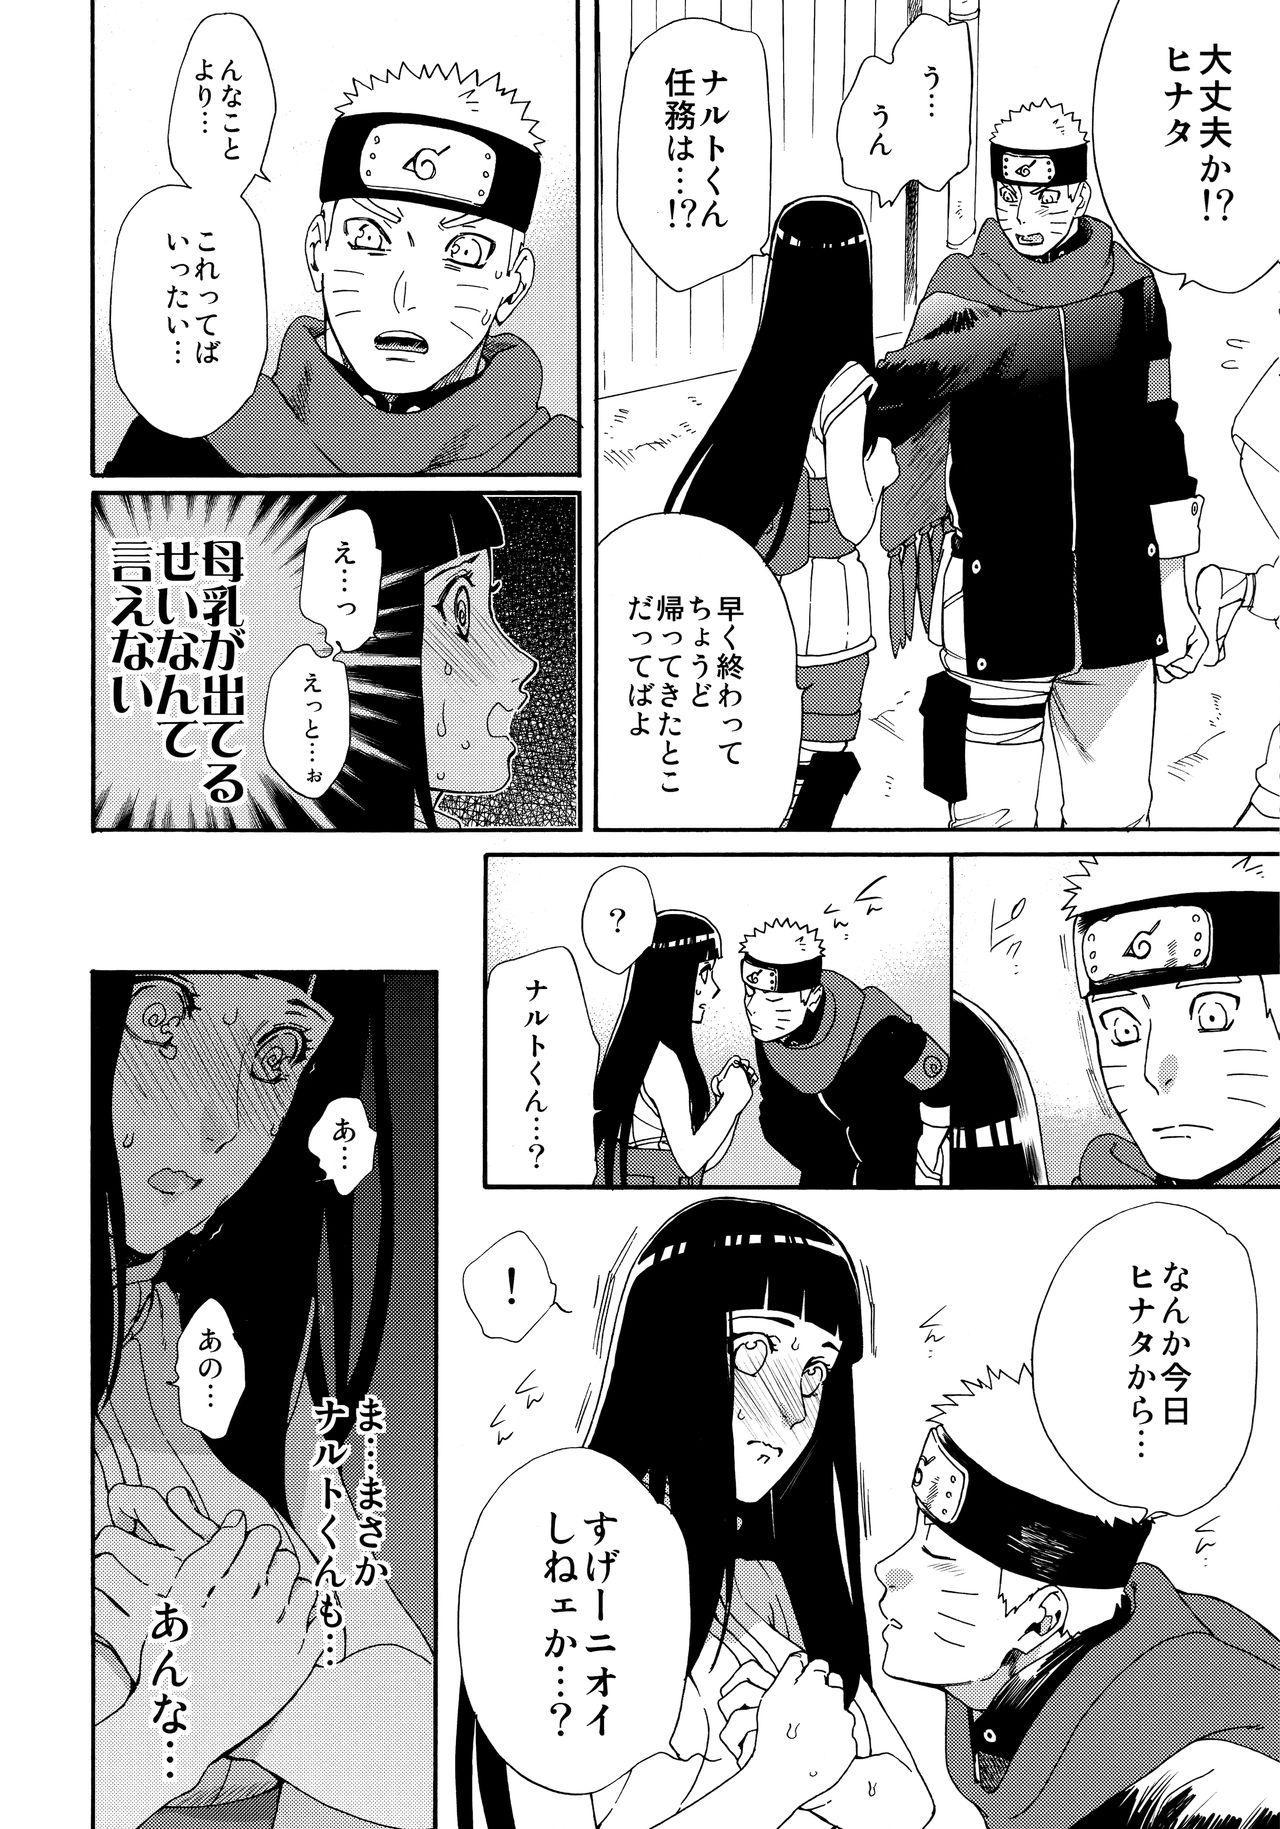 Oishii Milk 16